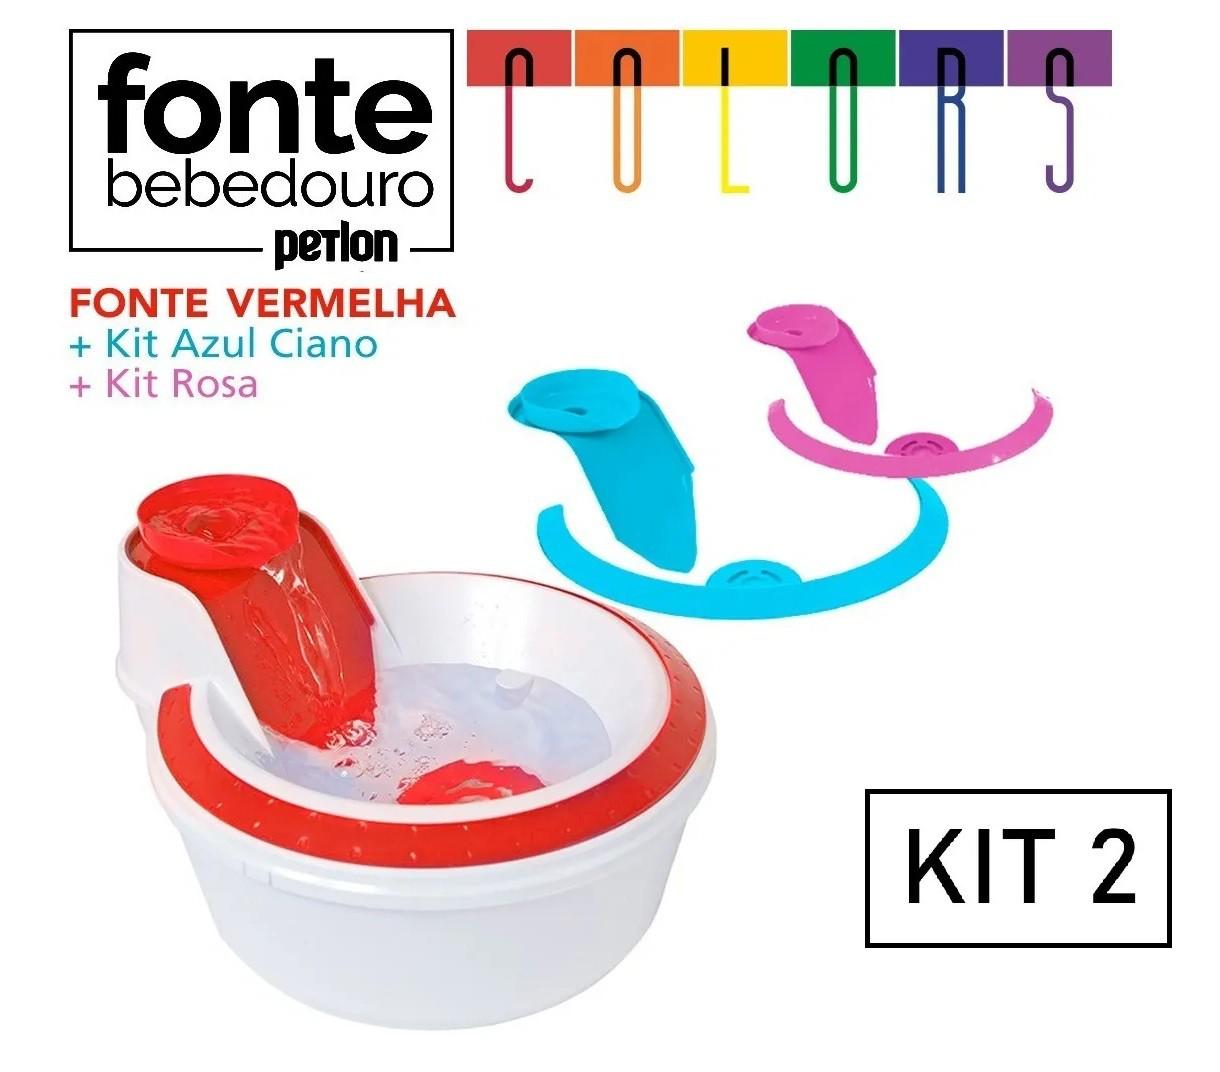 Fonte Bebedouro para Cães e Gatos Petlon Colors - 110v (KIT n2)